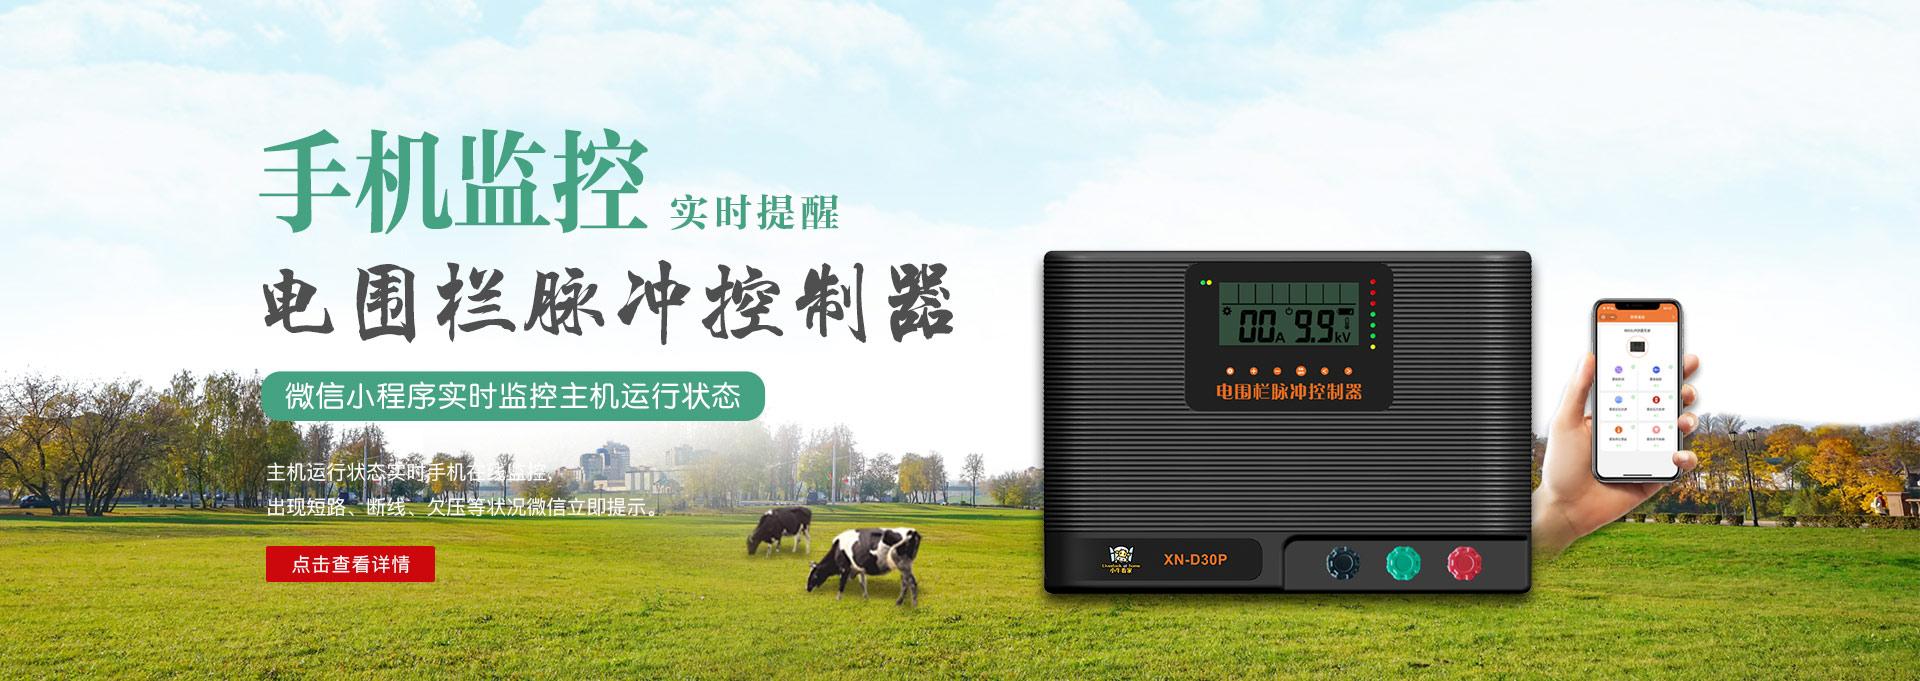 小牛看家电围栏脉冲控制器